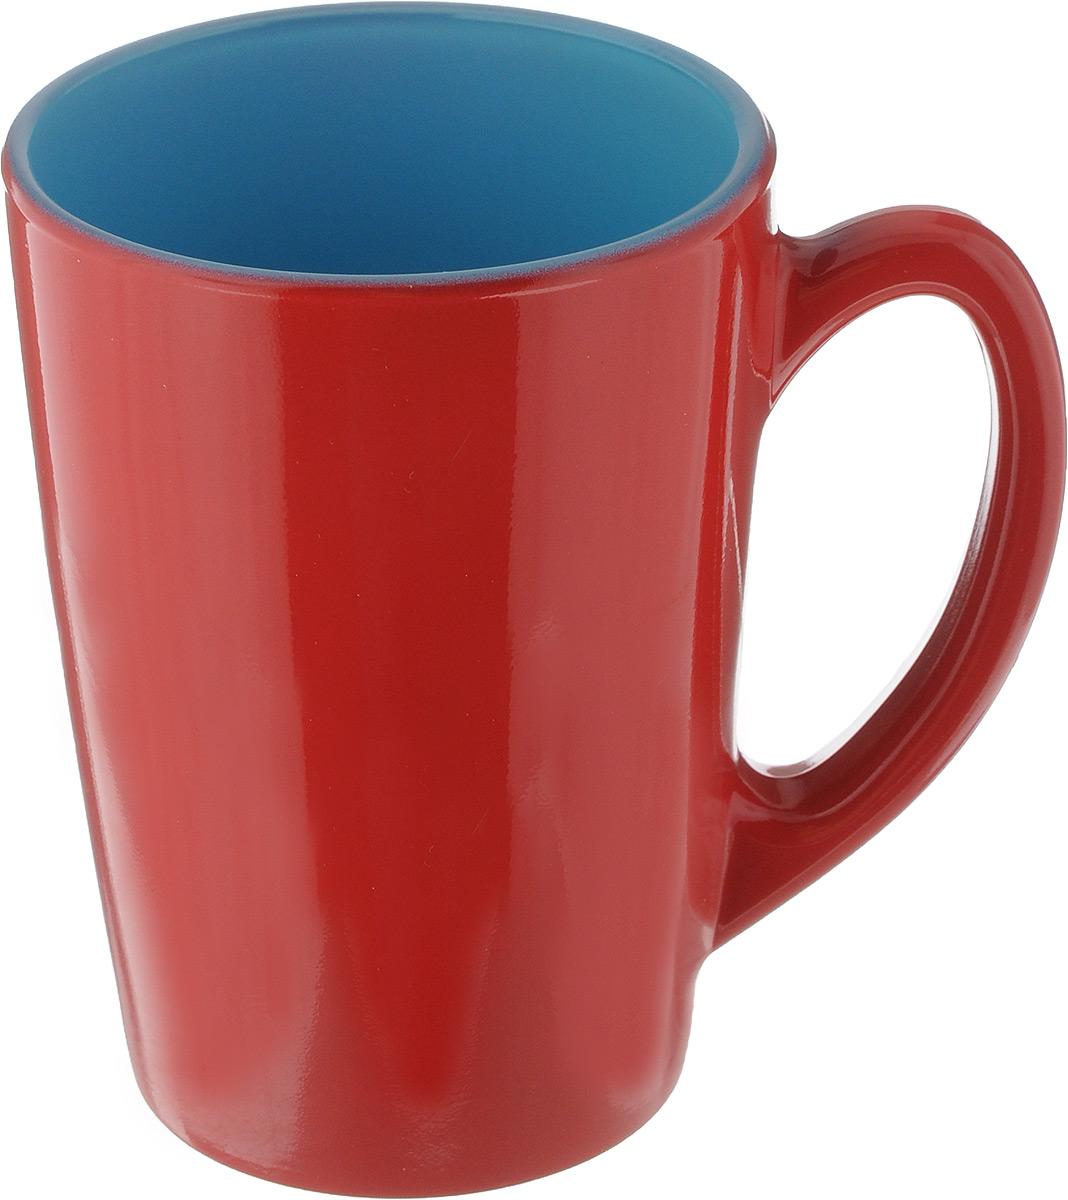 Кружка Luminarc Spring Break, цвет: красный, голубой, 320 мл. J3417-1J3417-1_красный, голубойКружка Luminarc Spring Break, изготовленная из ударопрочного стекла, прекрасно подойдет для горячих и холодных напитков. Она дополнит коллекцию вашей кухонной посуды и будет служить долгие годы. Можно использовать в микроволновой печи и мыть в посудомоечной машине. Диаметр кружки (по верхнему краю): 8 см.Высота стенки кружки: 11 см.